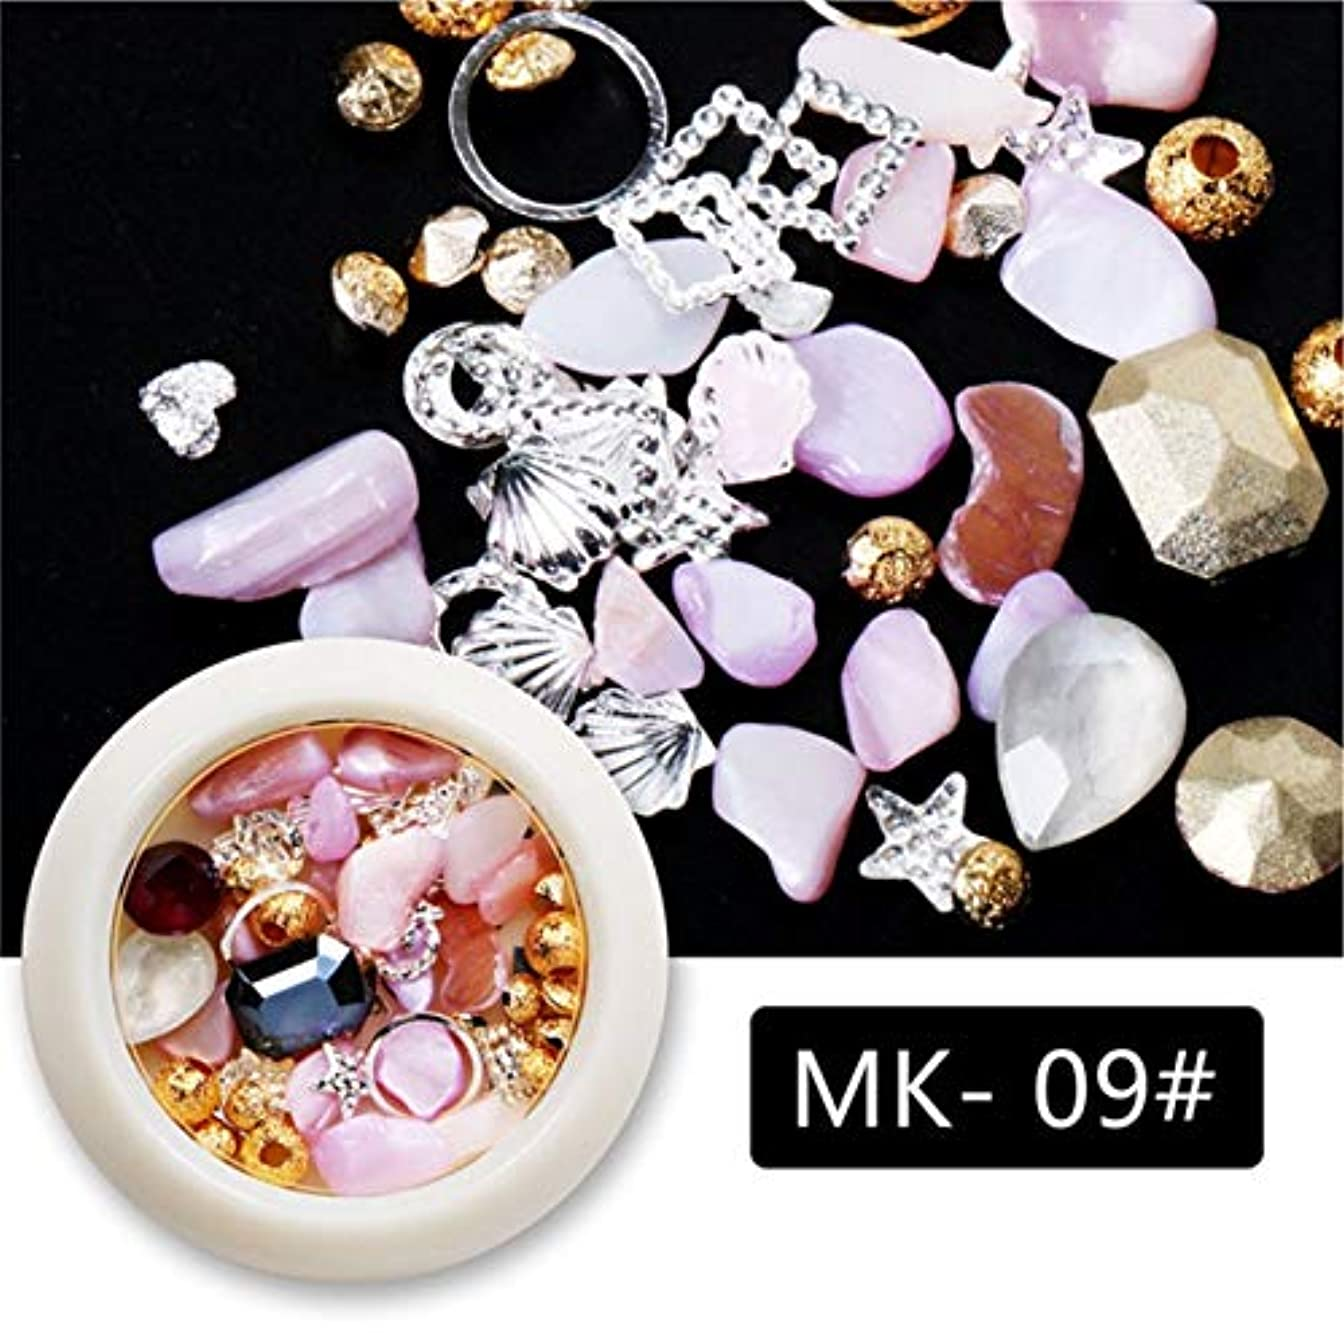 首ニュージーランド叫び声サリーの店 新しいリリース1ボックス2019新しいネイルジュエリーパールライン結晶宝石宝石ダイヤモンド混合物混合合金ネイルアート装飾品(None MK-09)